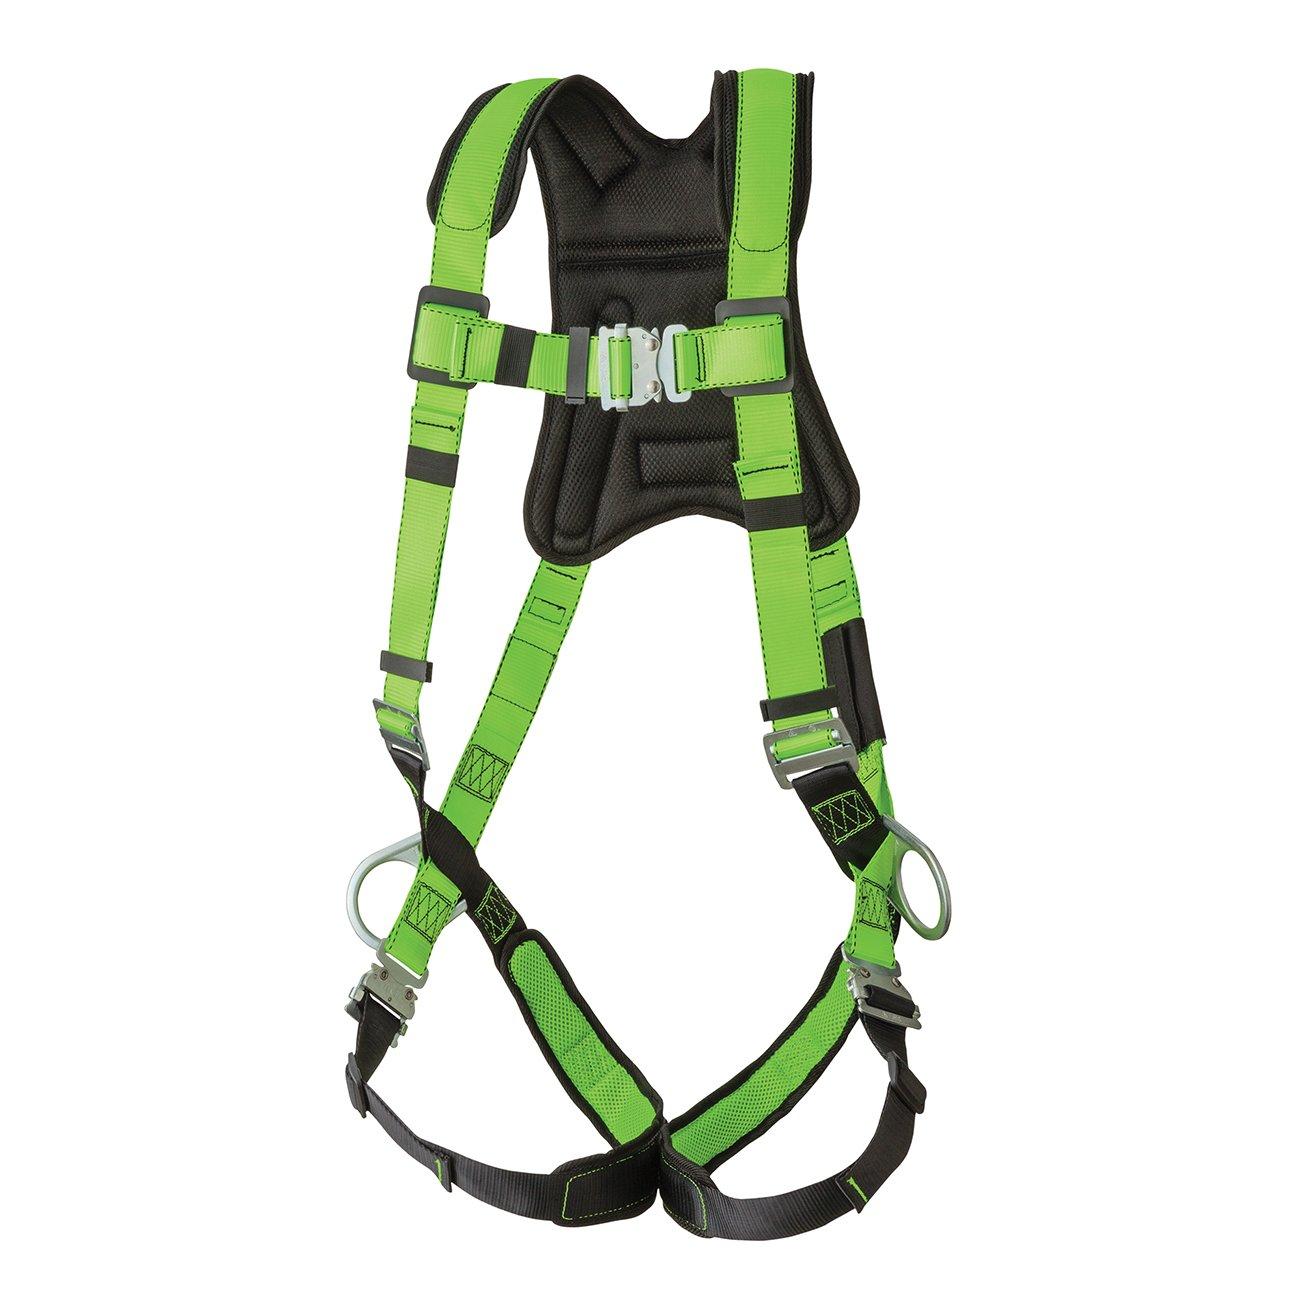 Peakworks V8006110 Peak Pro Series, Full Body Padded Safety Harness, Back D-Ring, (2) Side D-Rings, Stab Lock, Polyester, Universal, Green